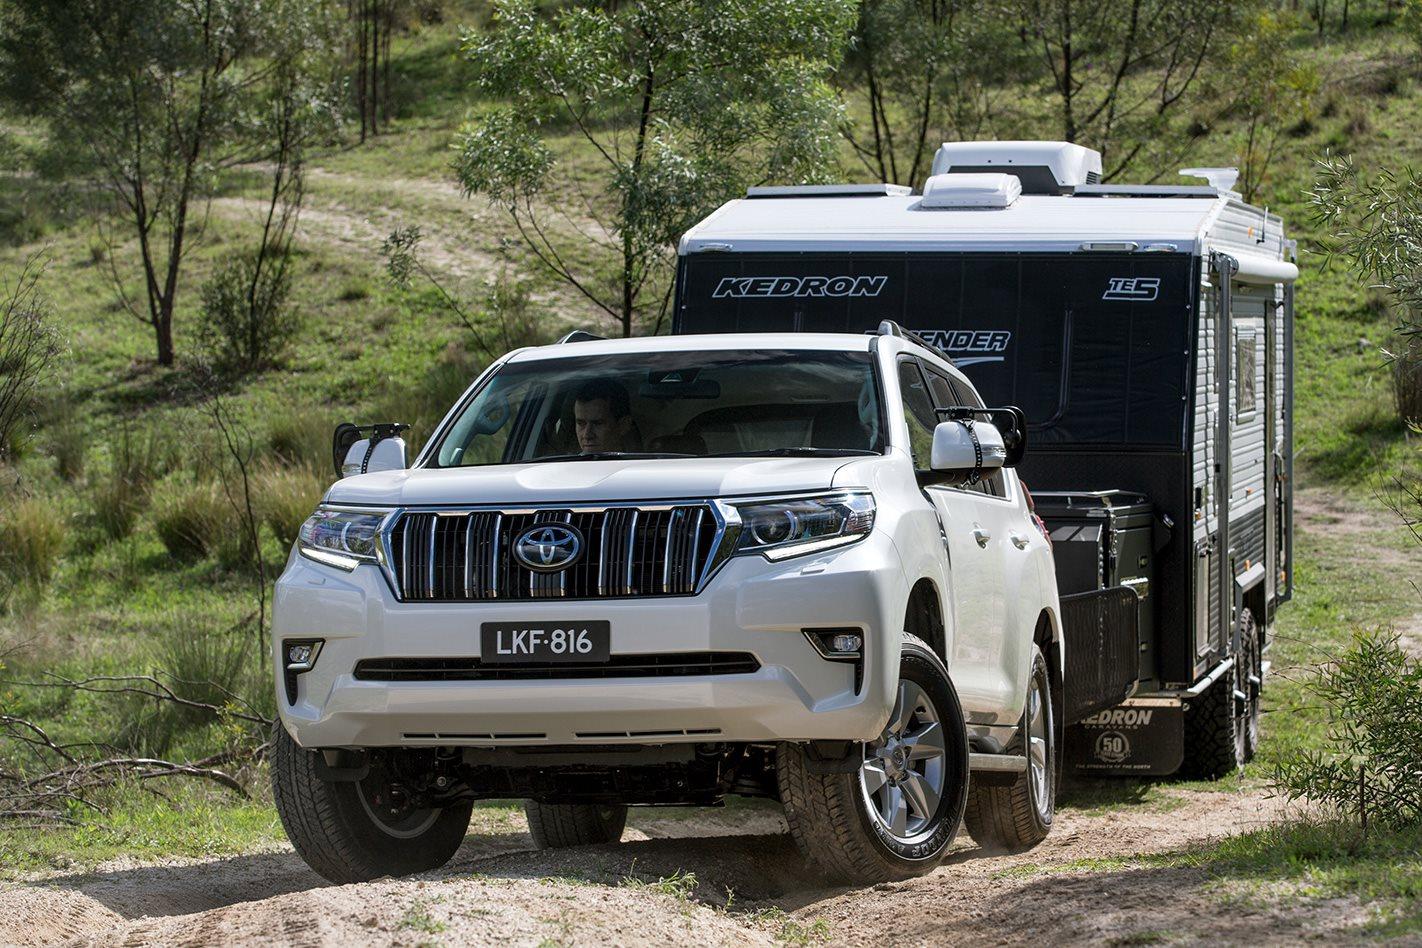 Toyota Prado GXL towing